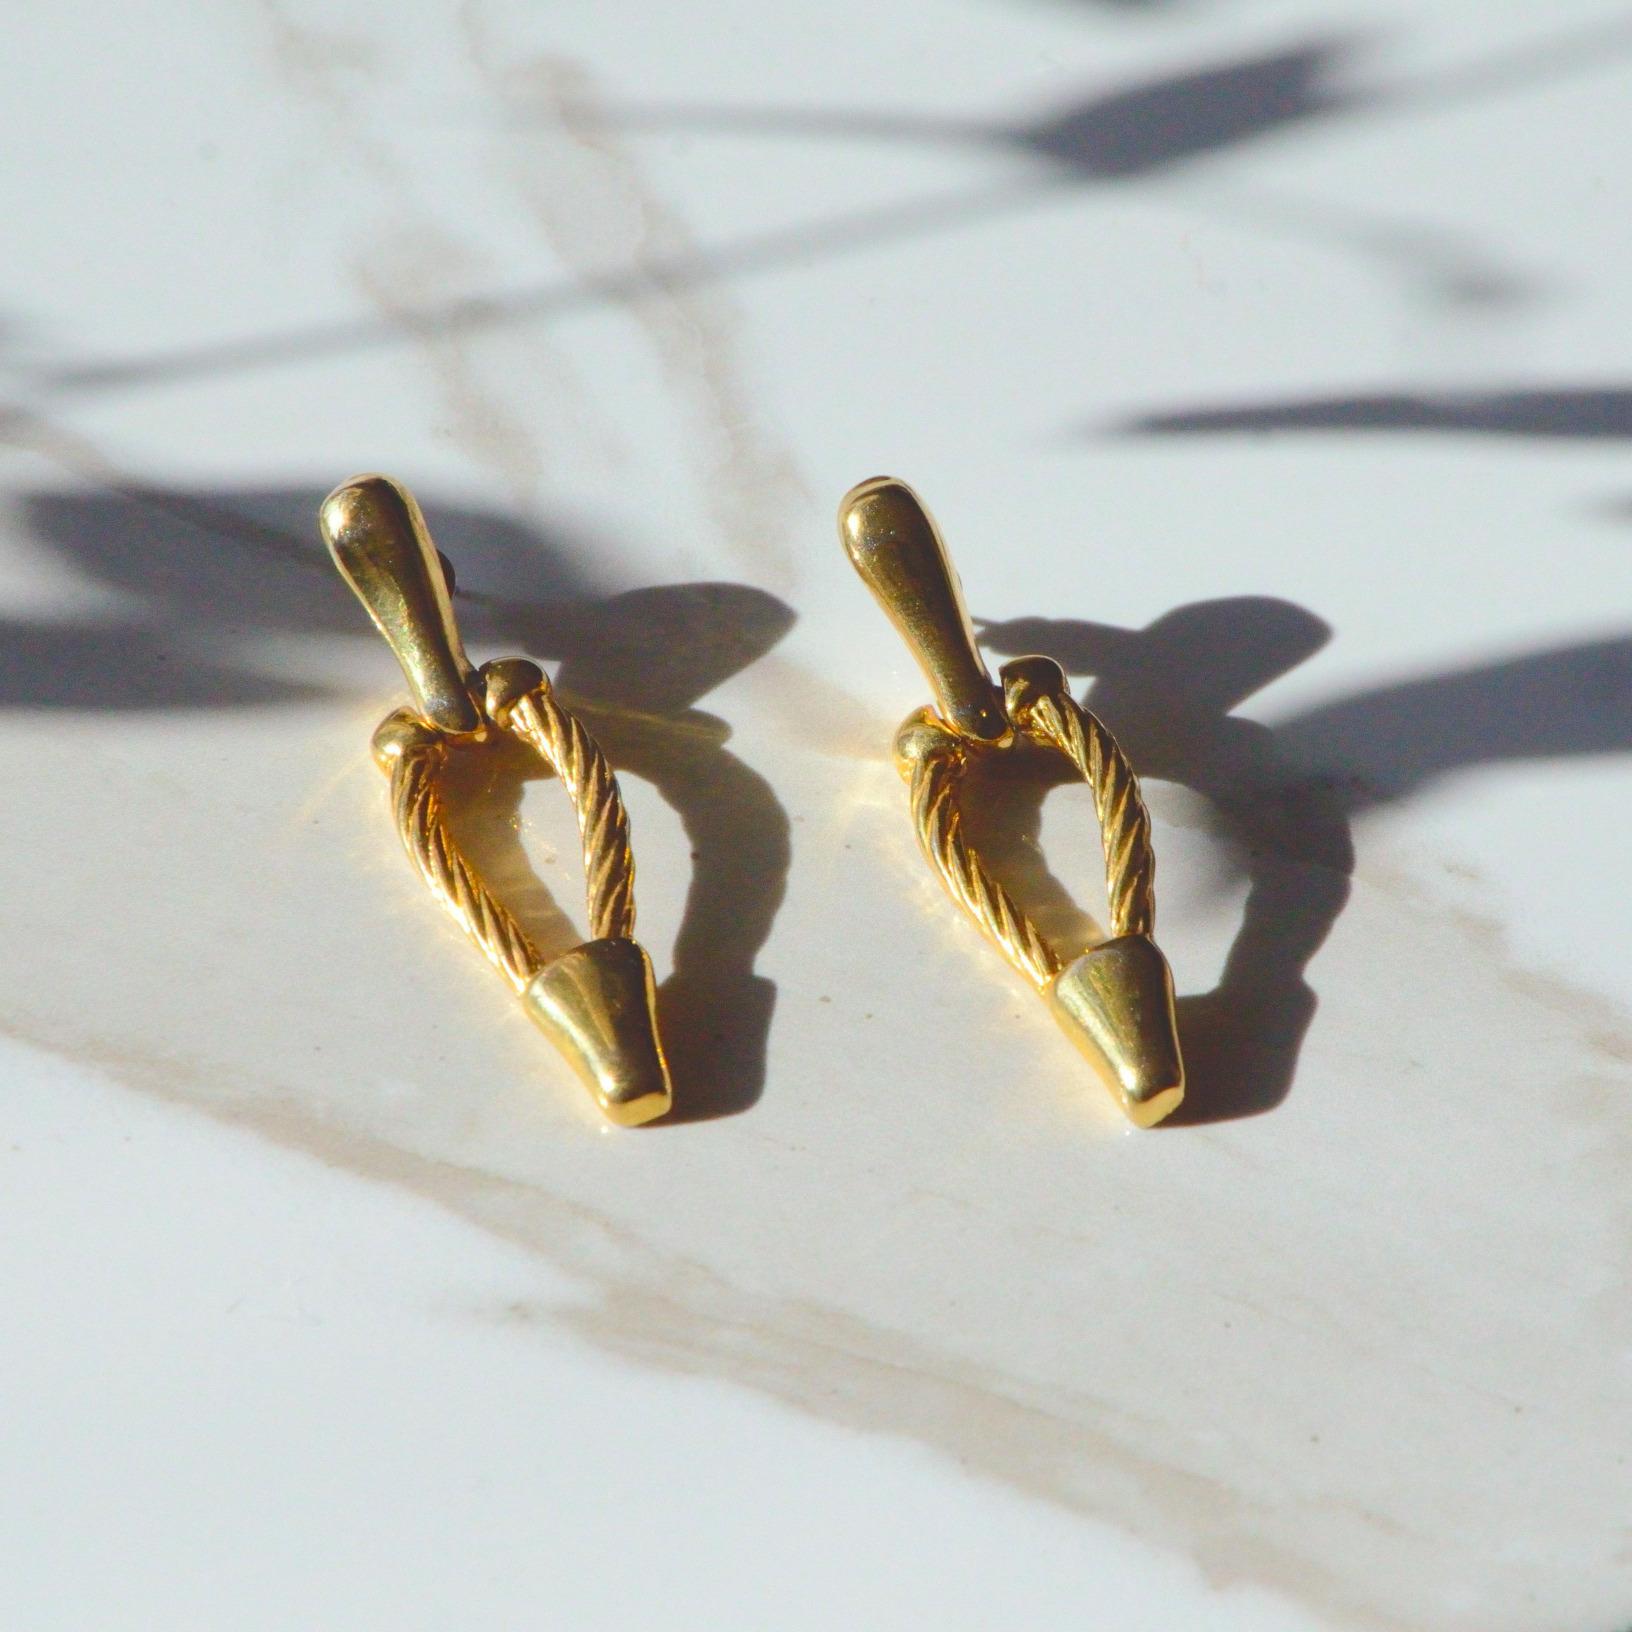 馬蹄形のゴールドのピアス